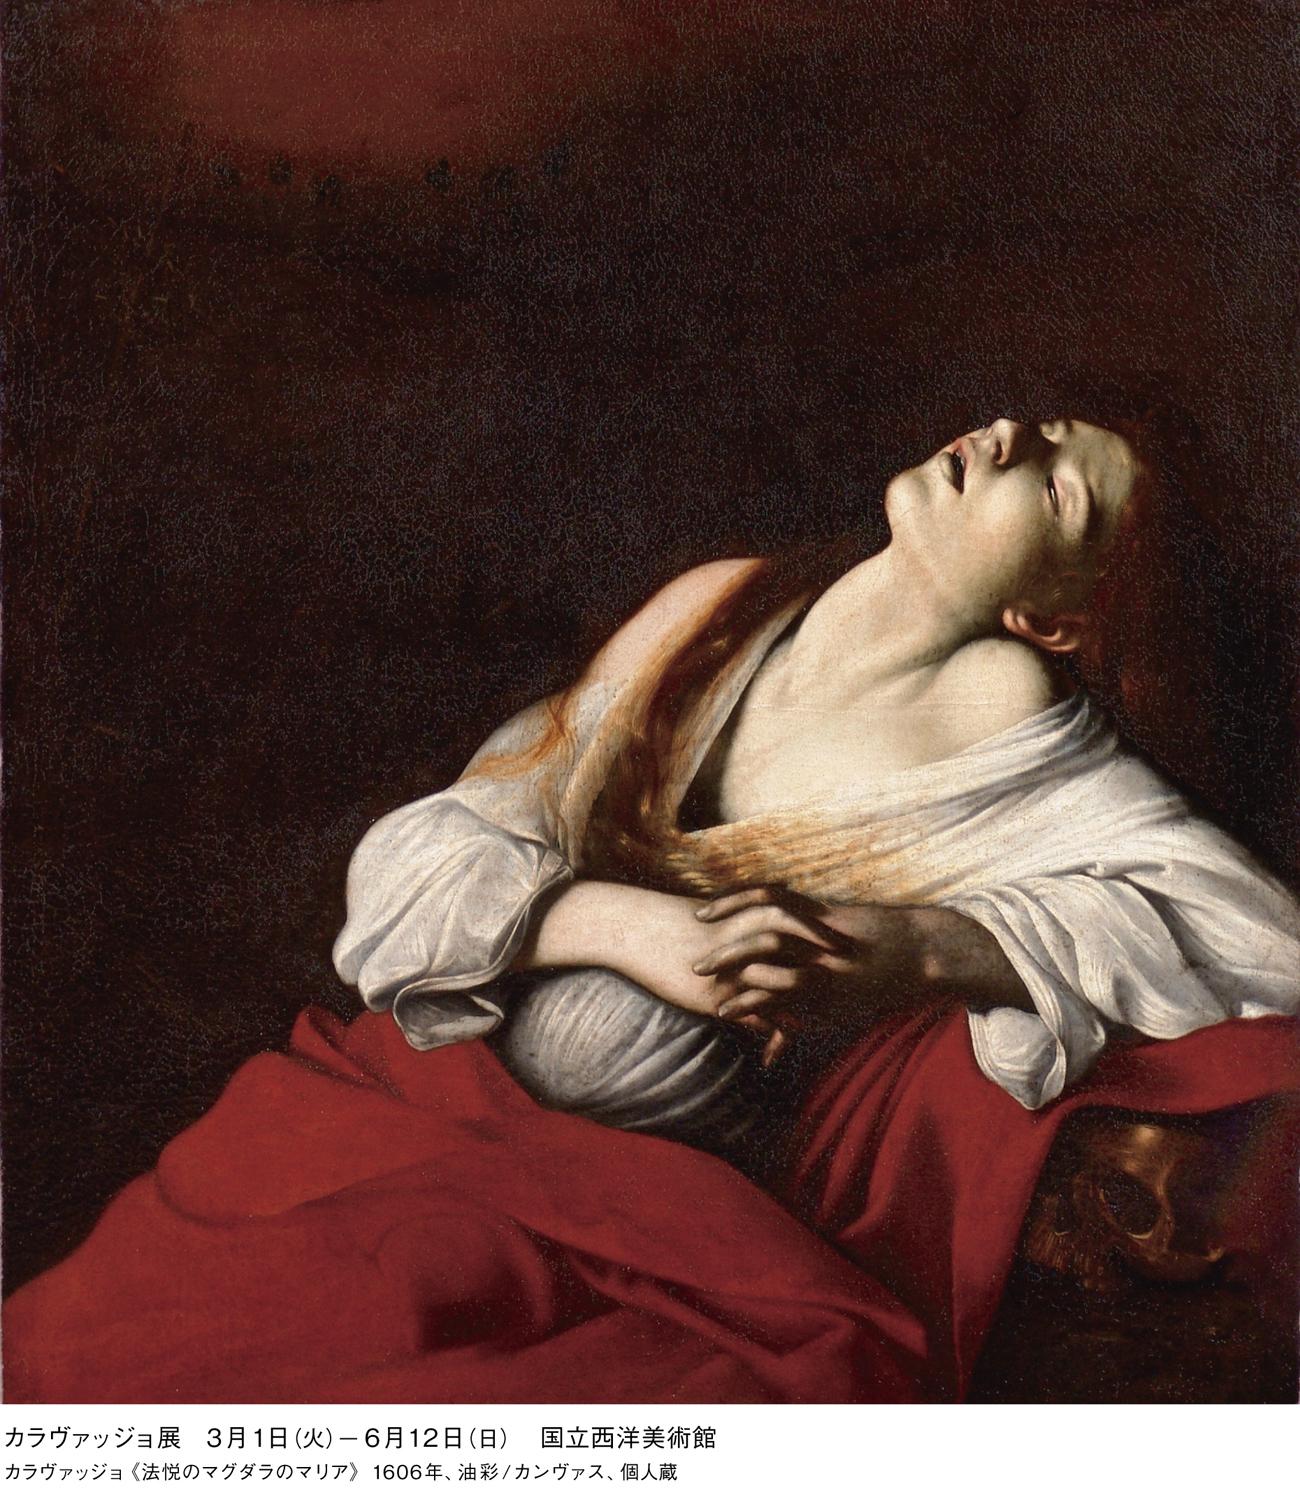 《法悦のマグダラのマリア》